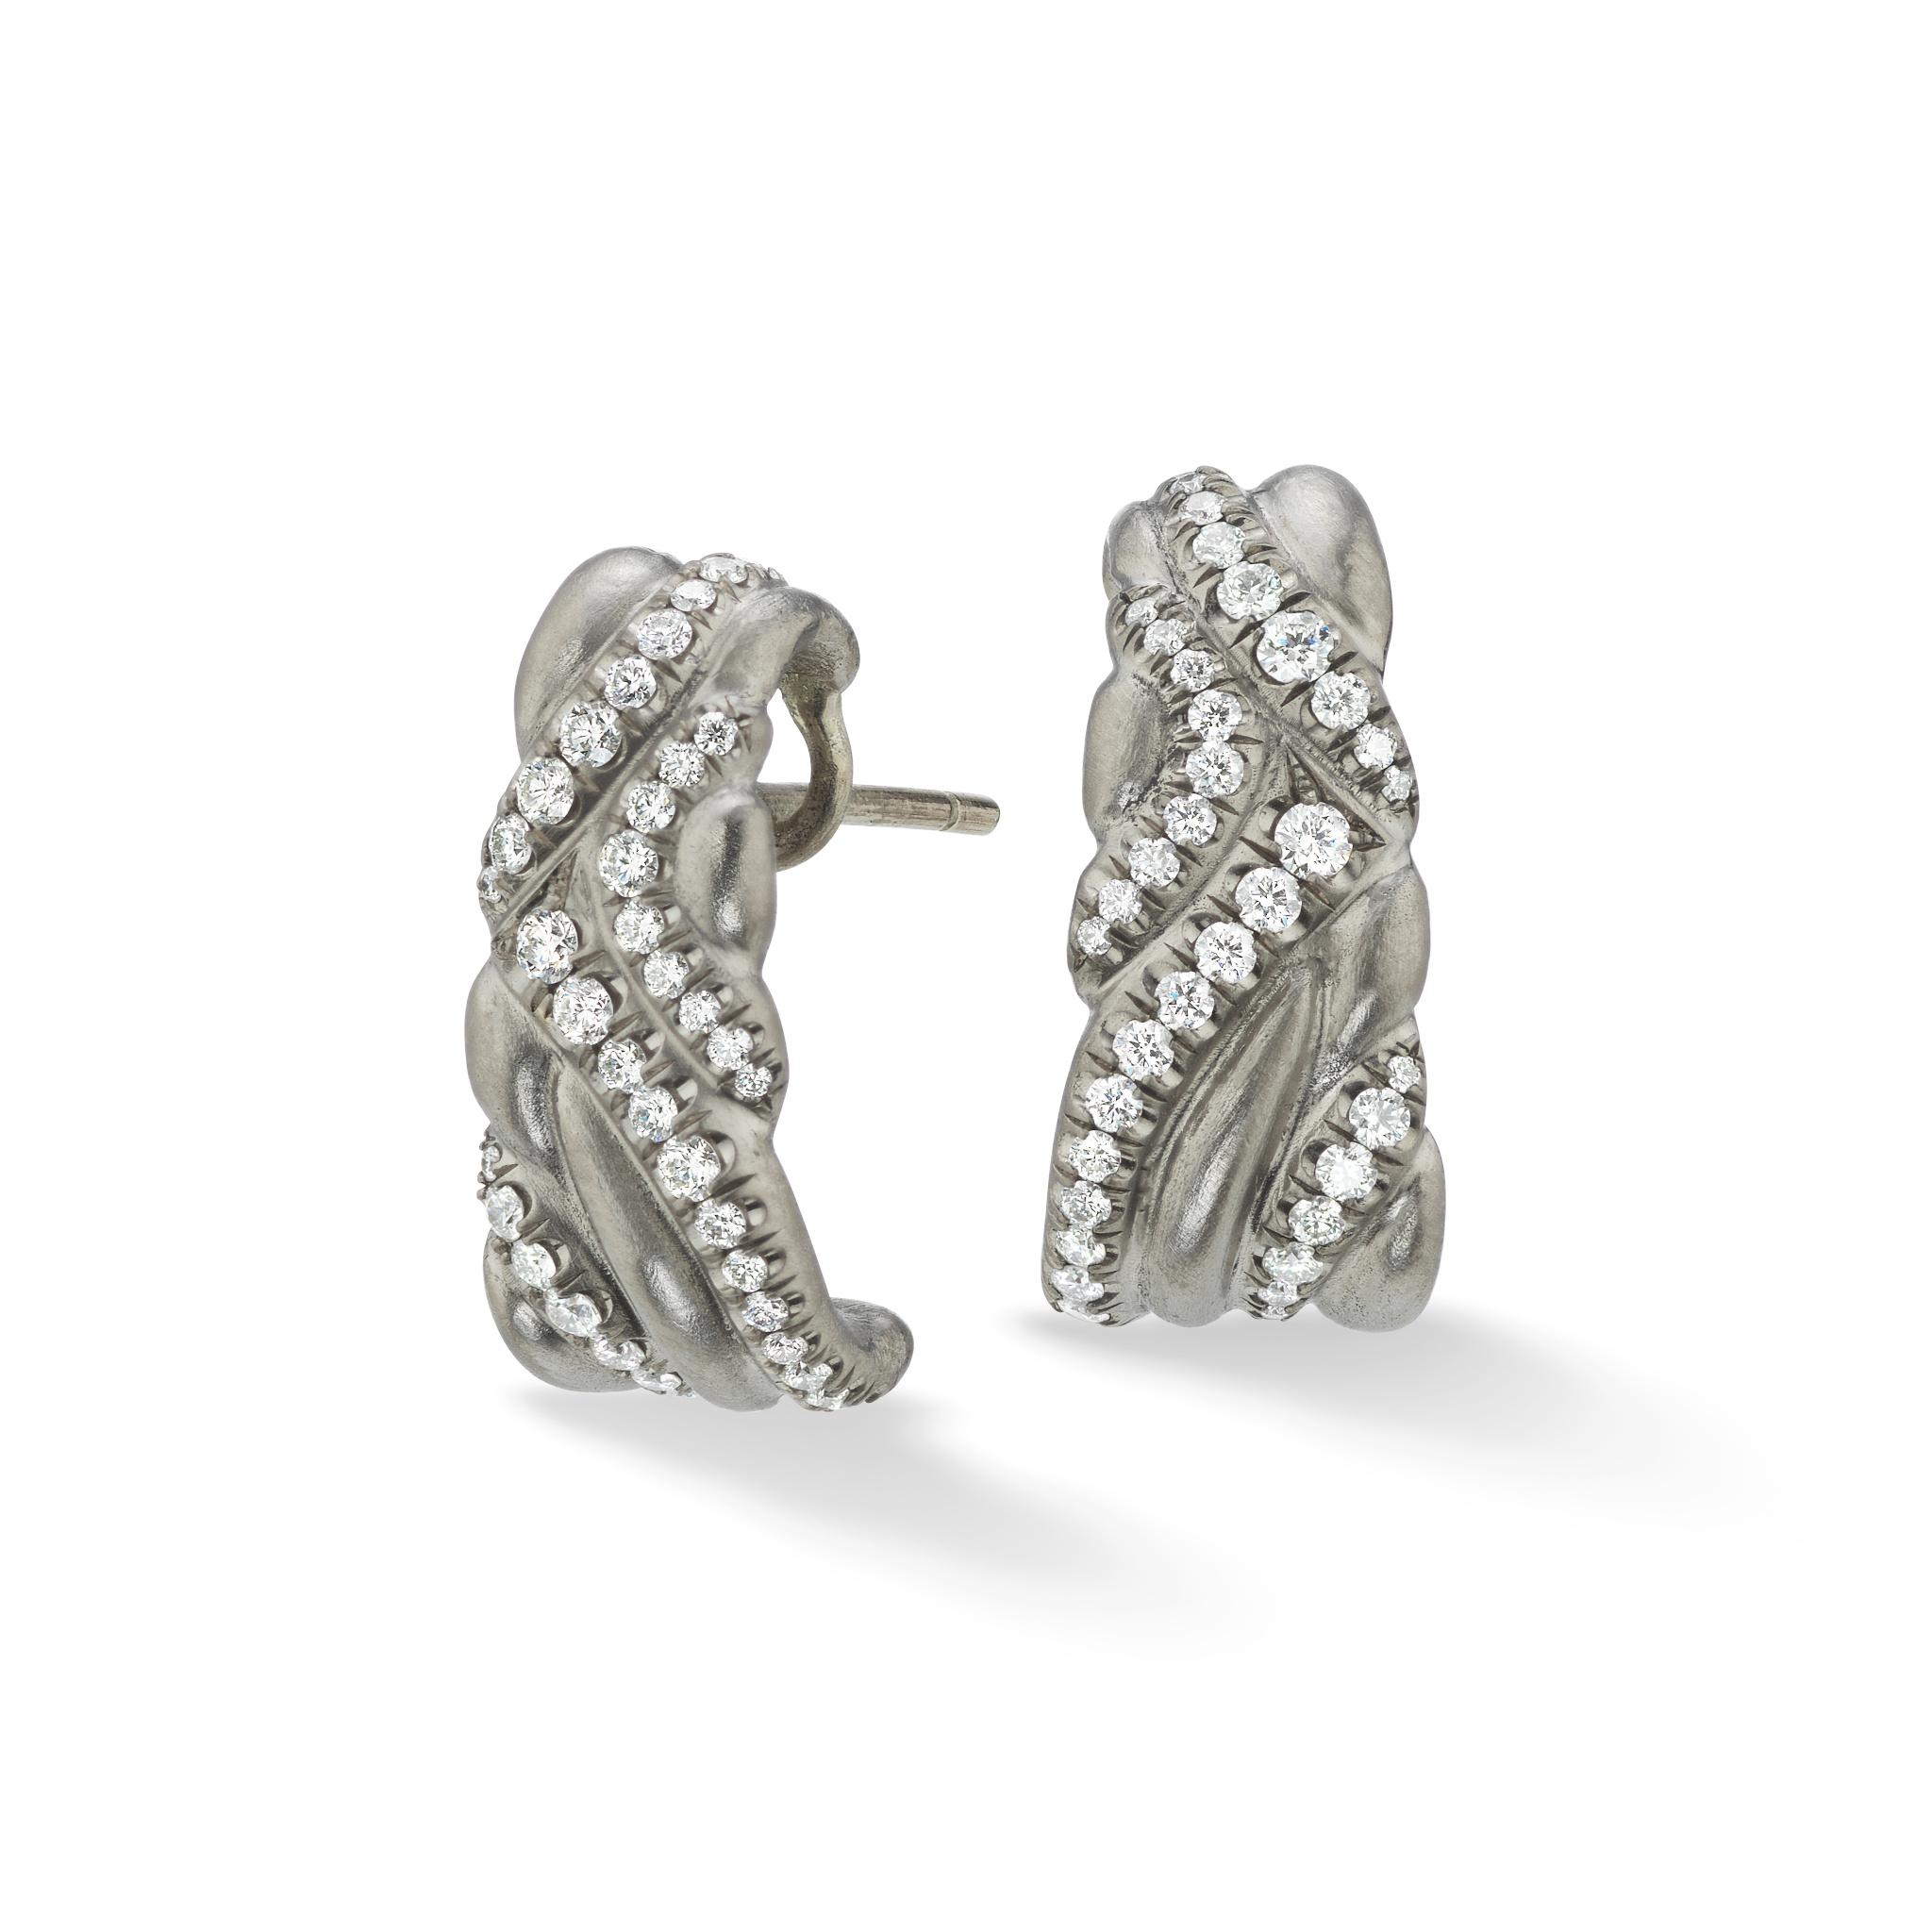 Keystone Earrings-18k White Gold - Hearts On Fire Diamonds